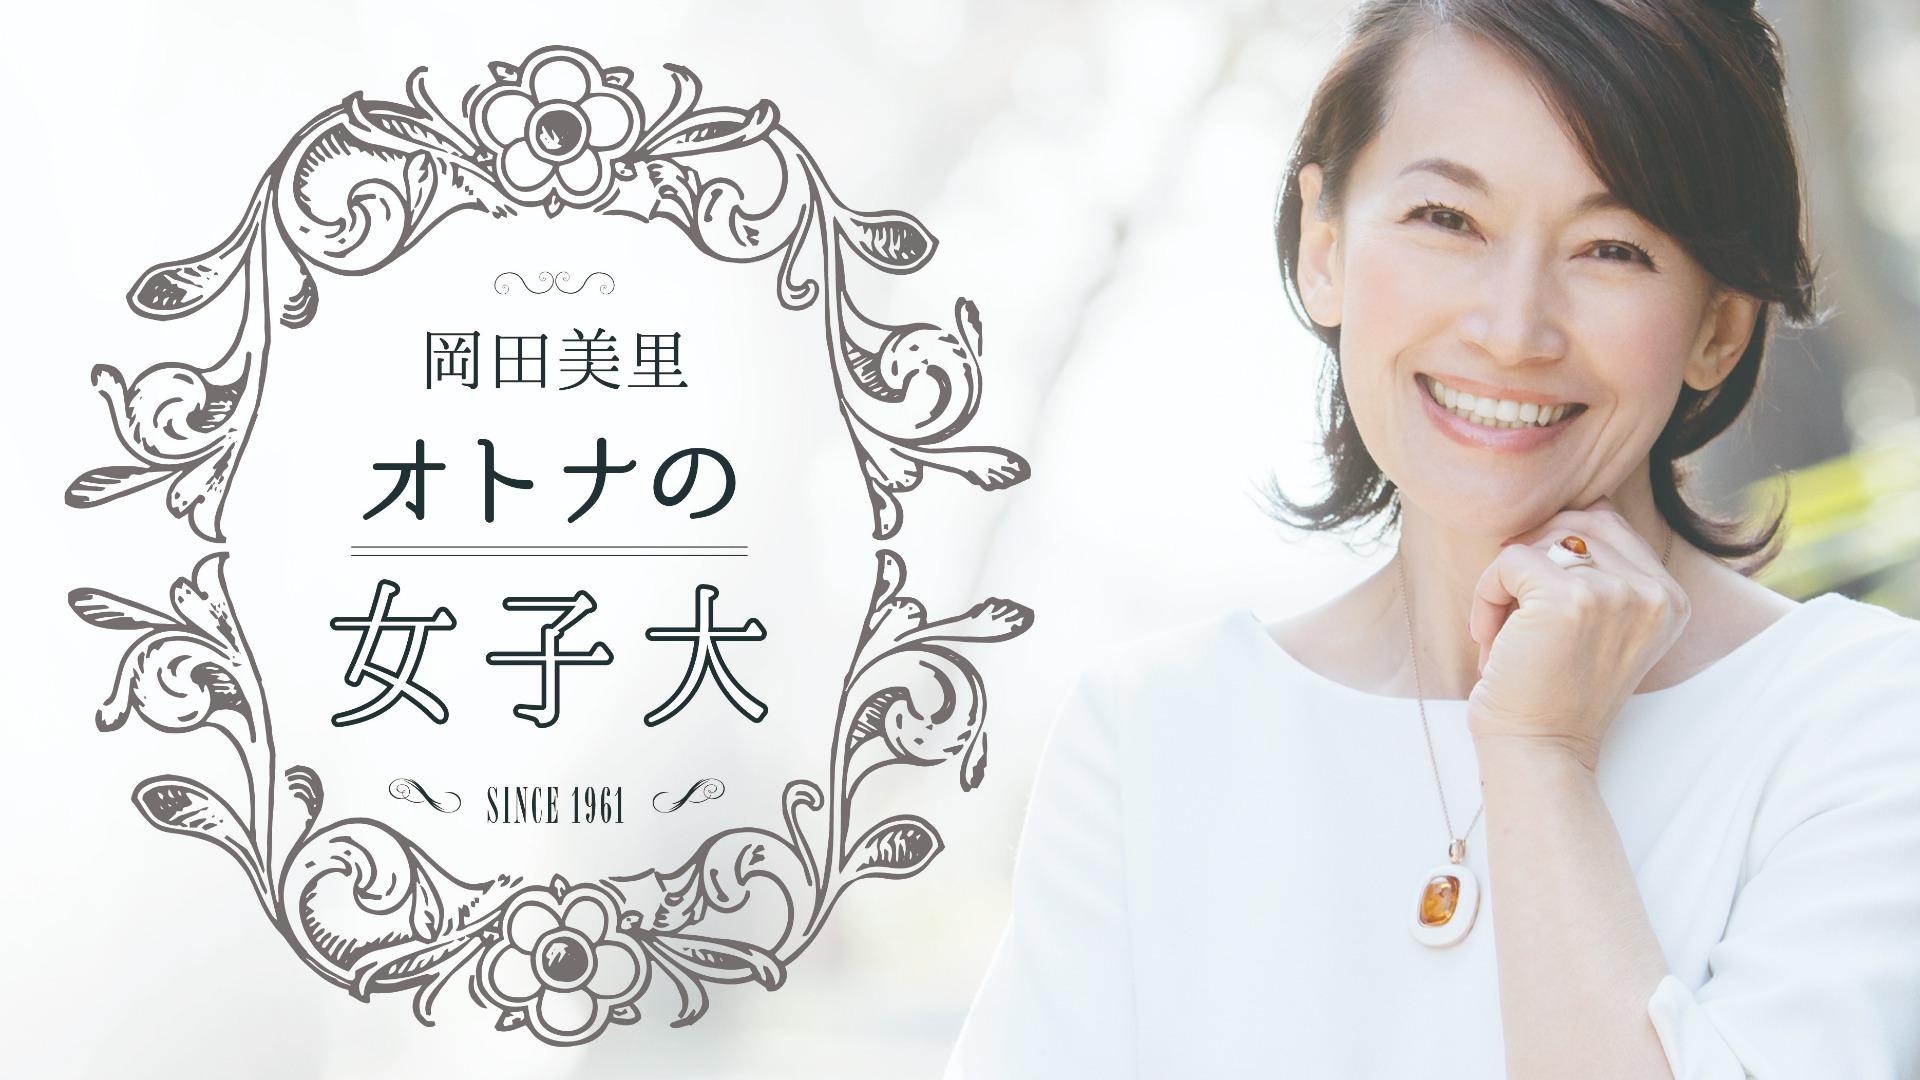 岡田美里 - 岡田美里 オトナの女子大 - DMM オンラインサロン